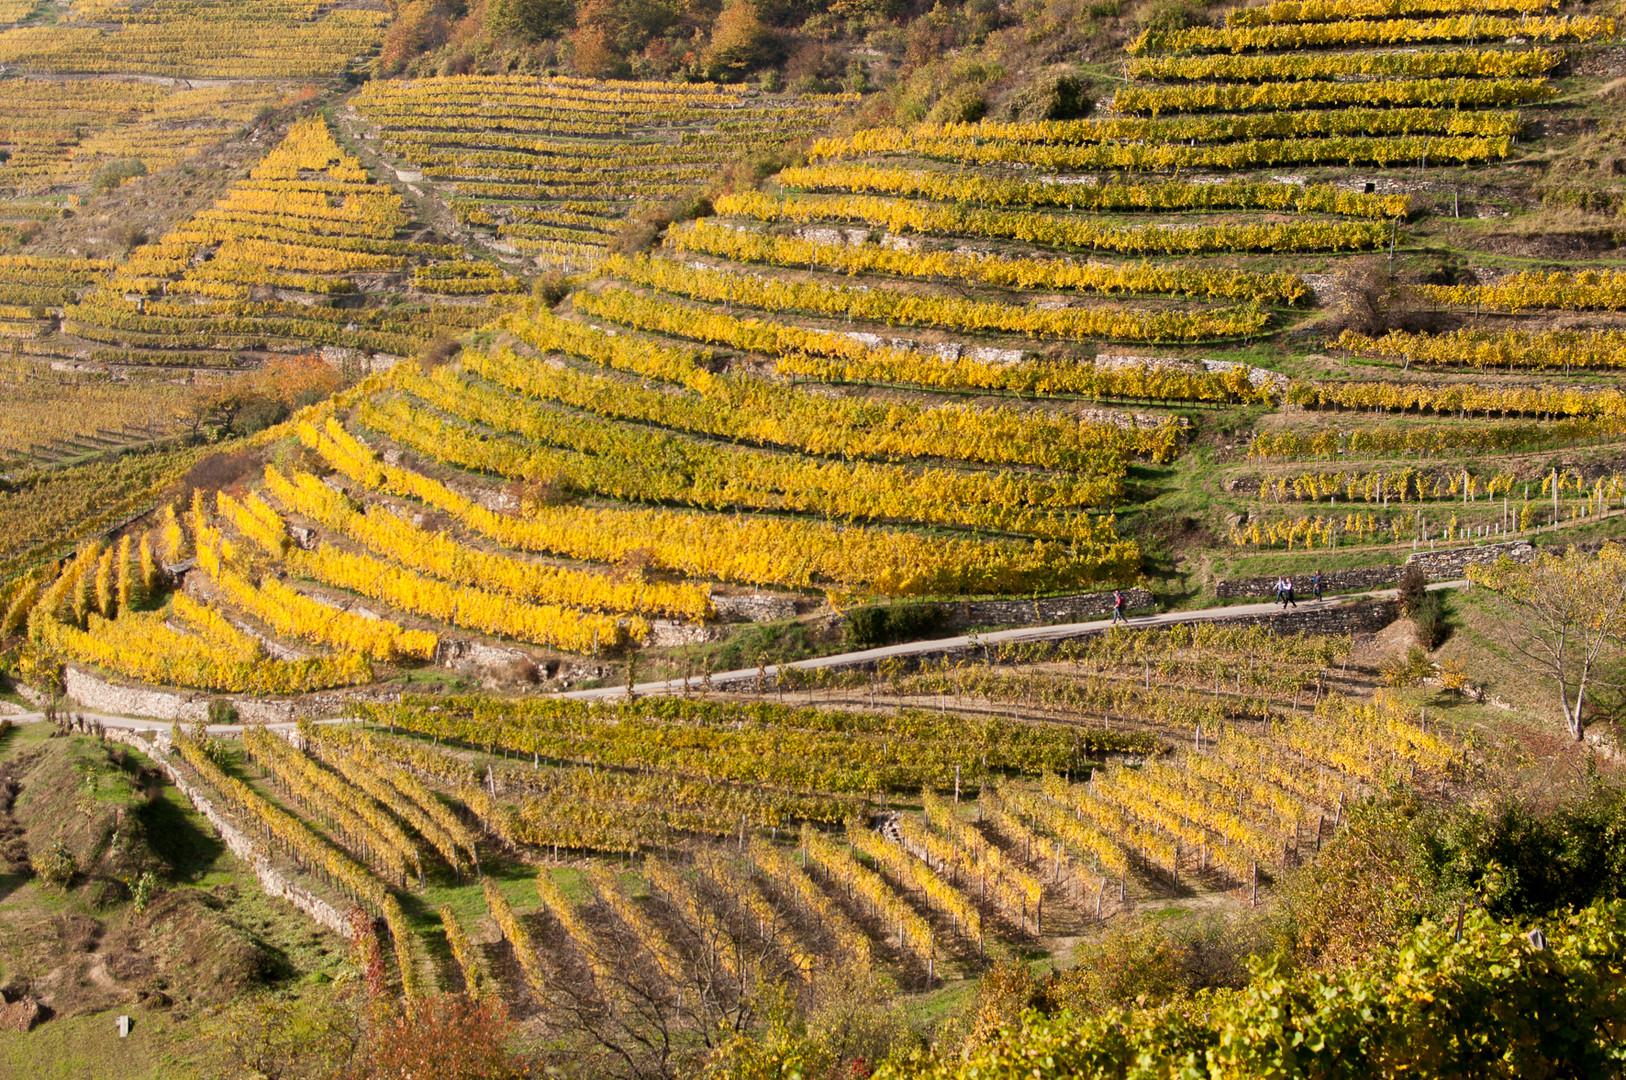 Weinterassen bei Spitz, Wachau